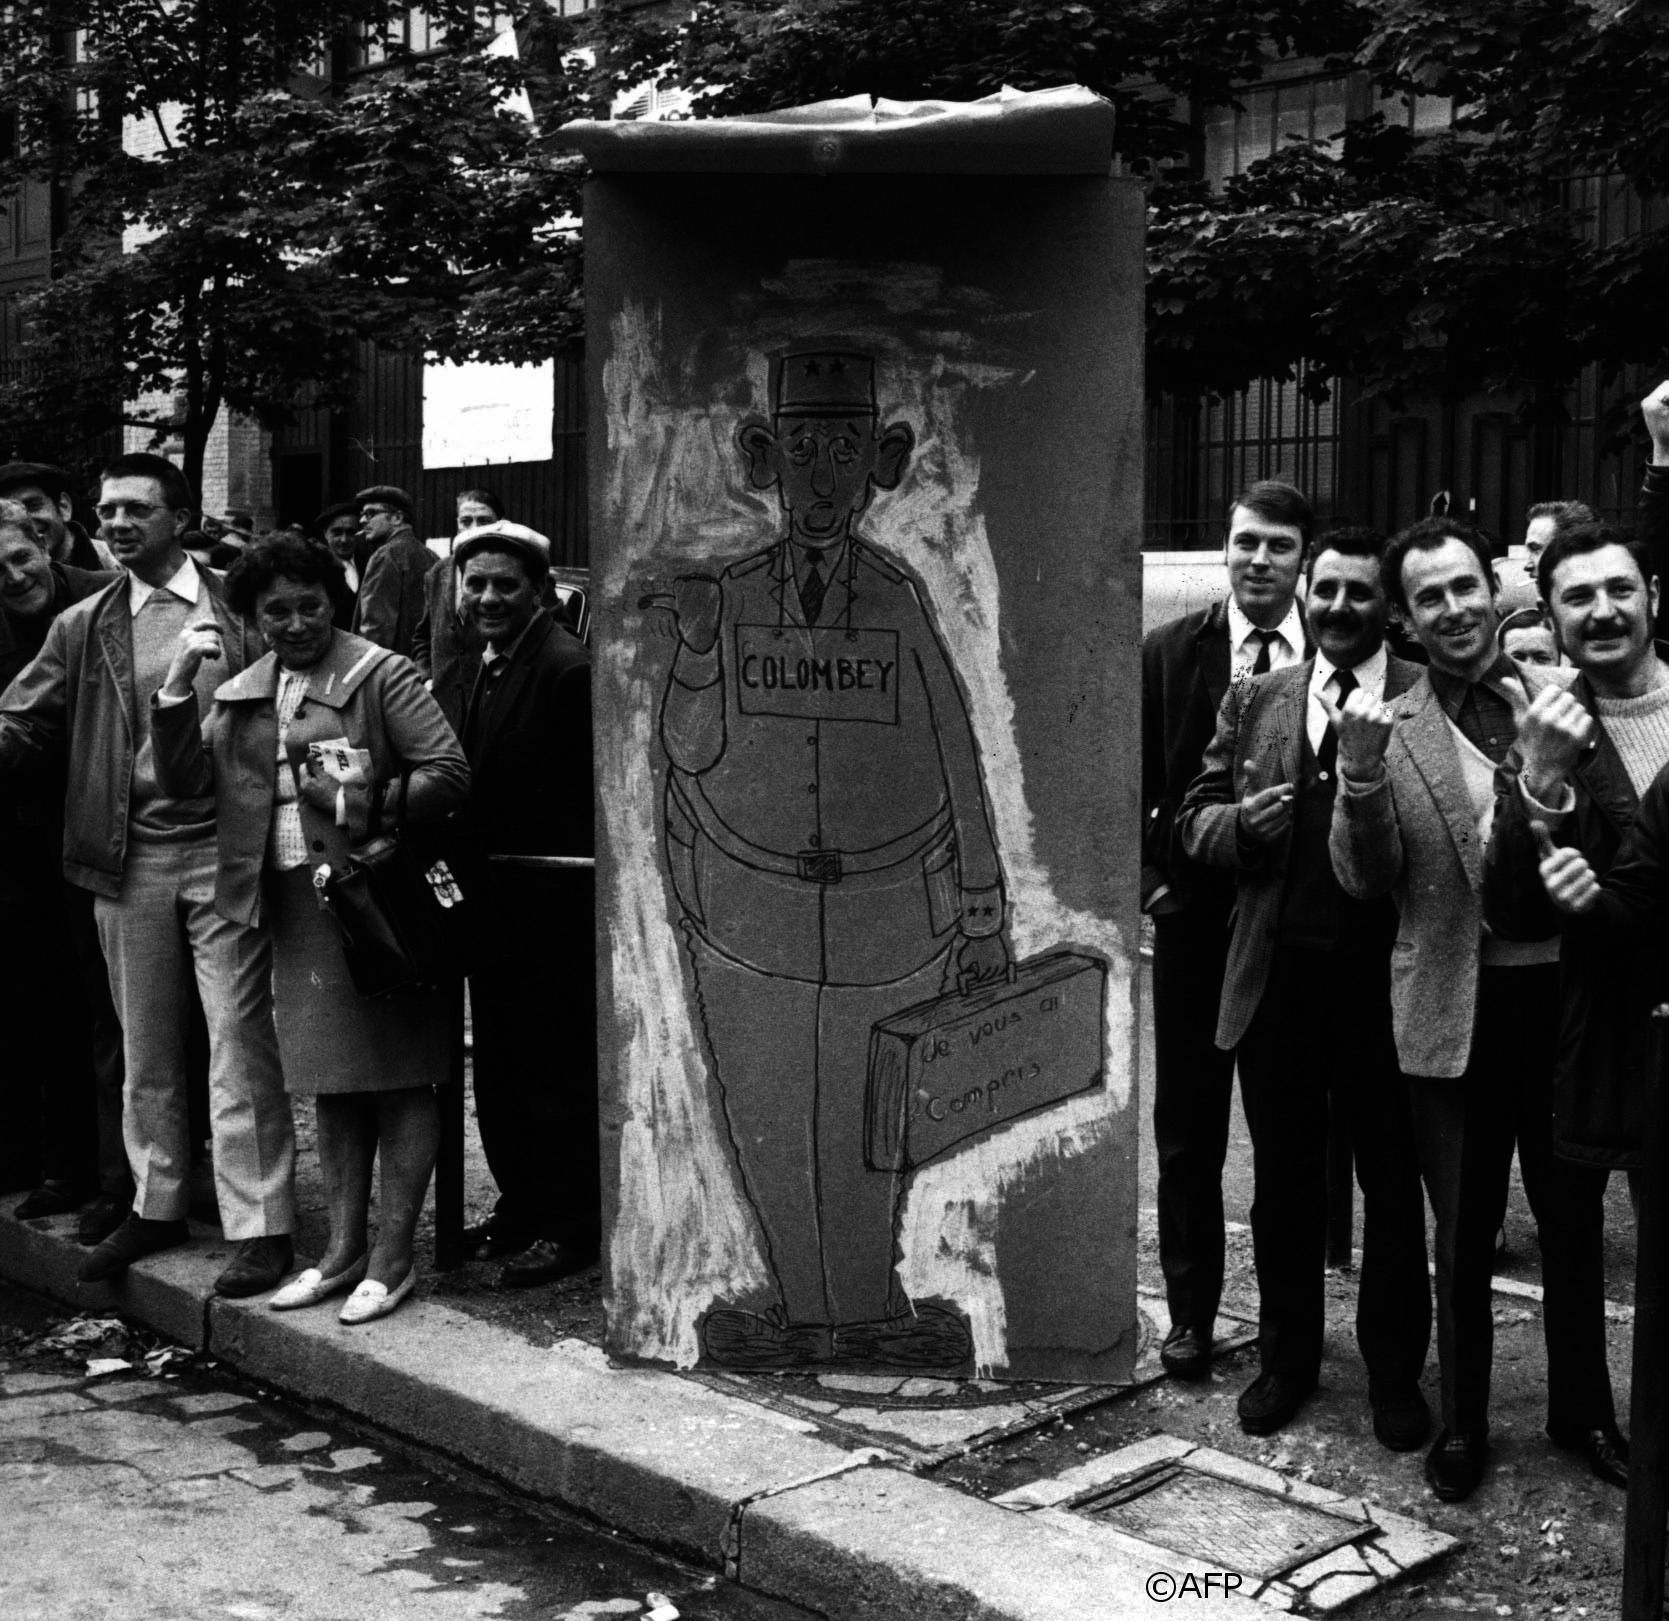 Avril-mai 1968 : Mouvements étudiants et sociaux